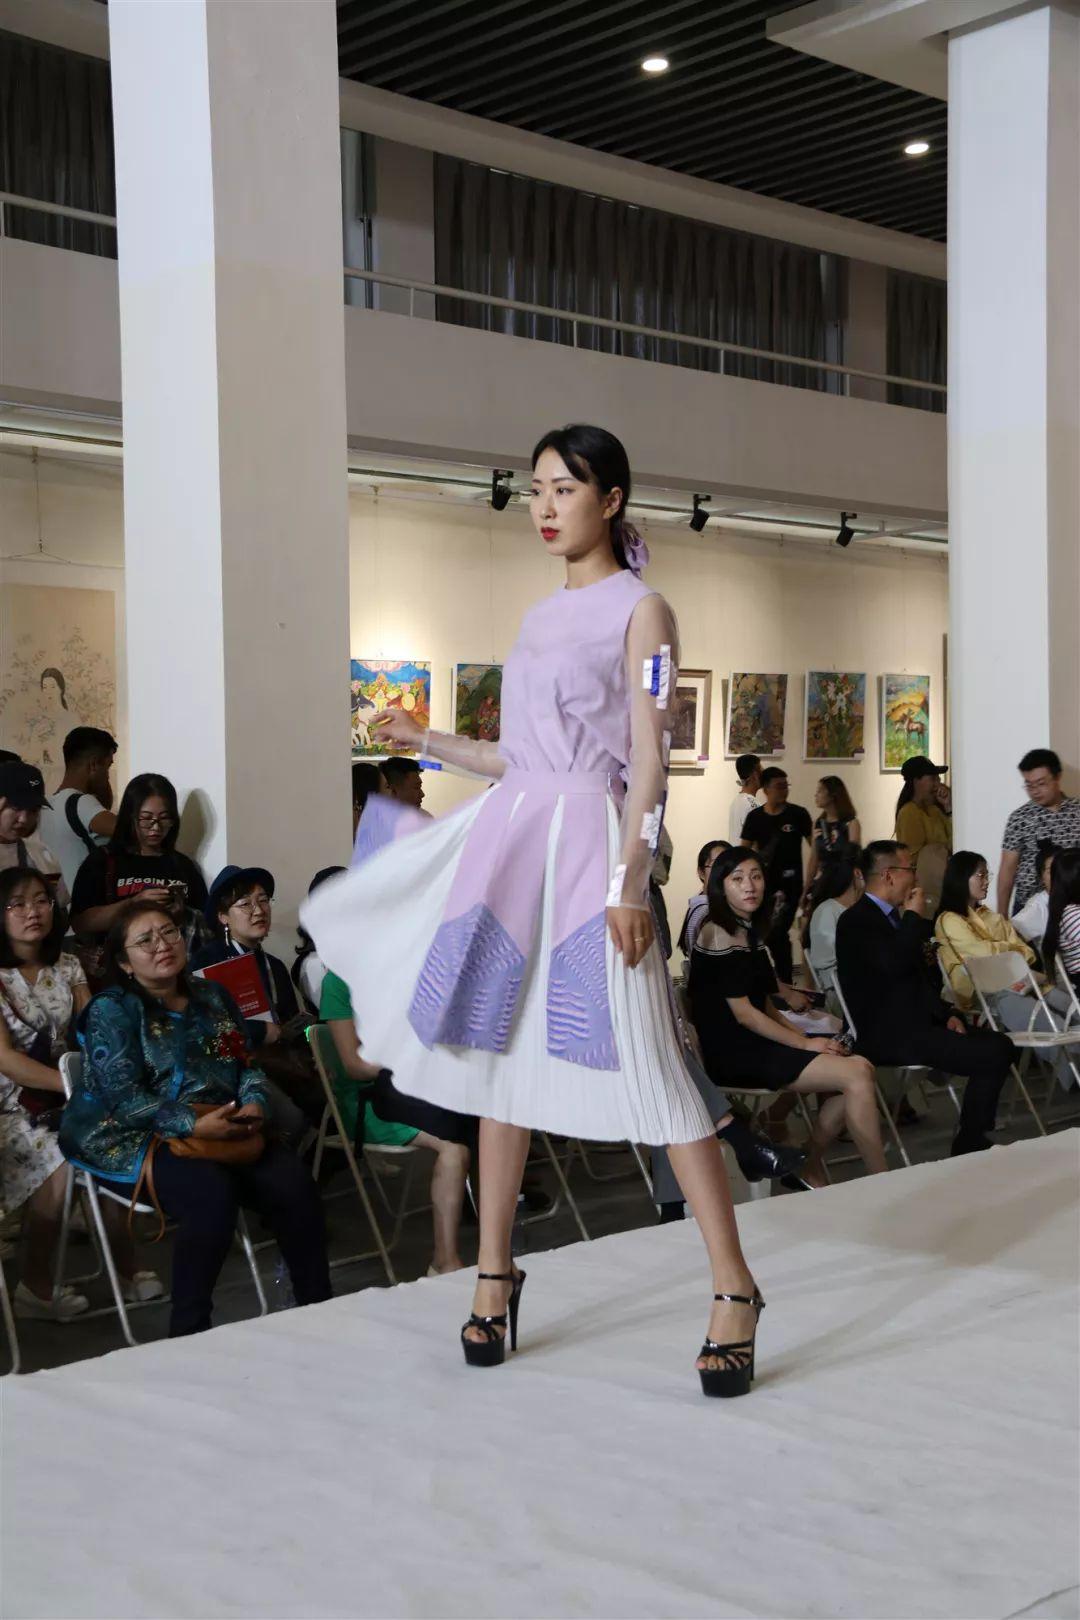 内蒙古大学创业学院与蒙古国高校联合举办设计艺术展 第2张